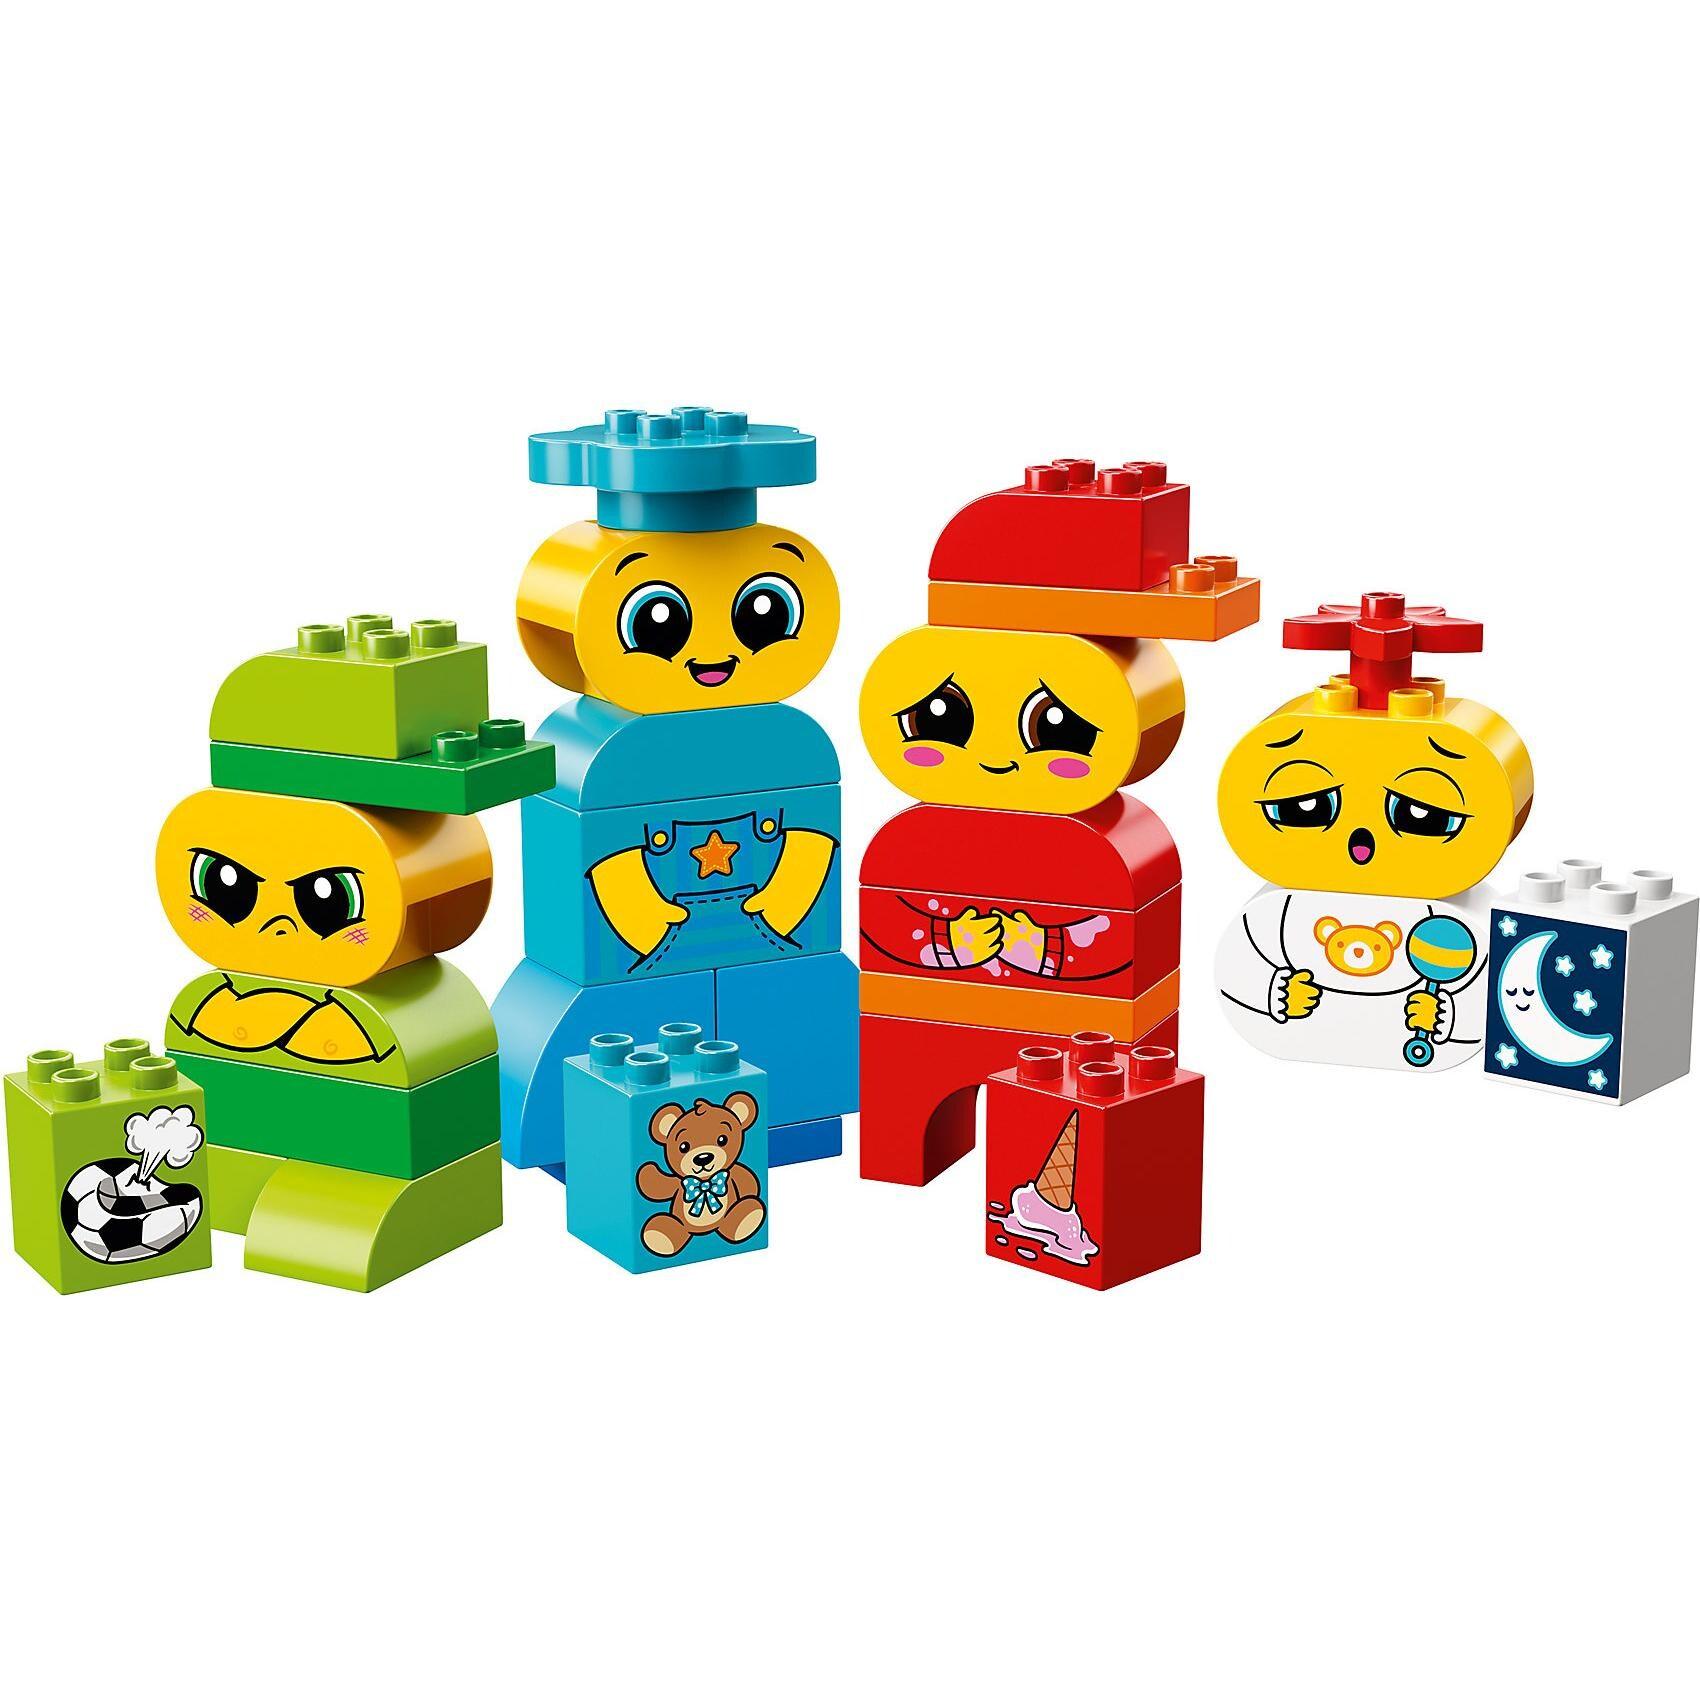 Lego Duplo 10861 Meine ersten Emotionen Gefühle erklären